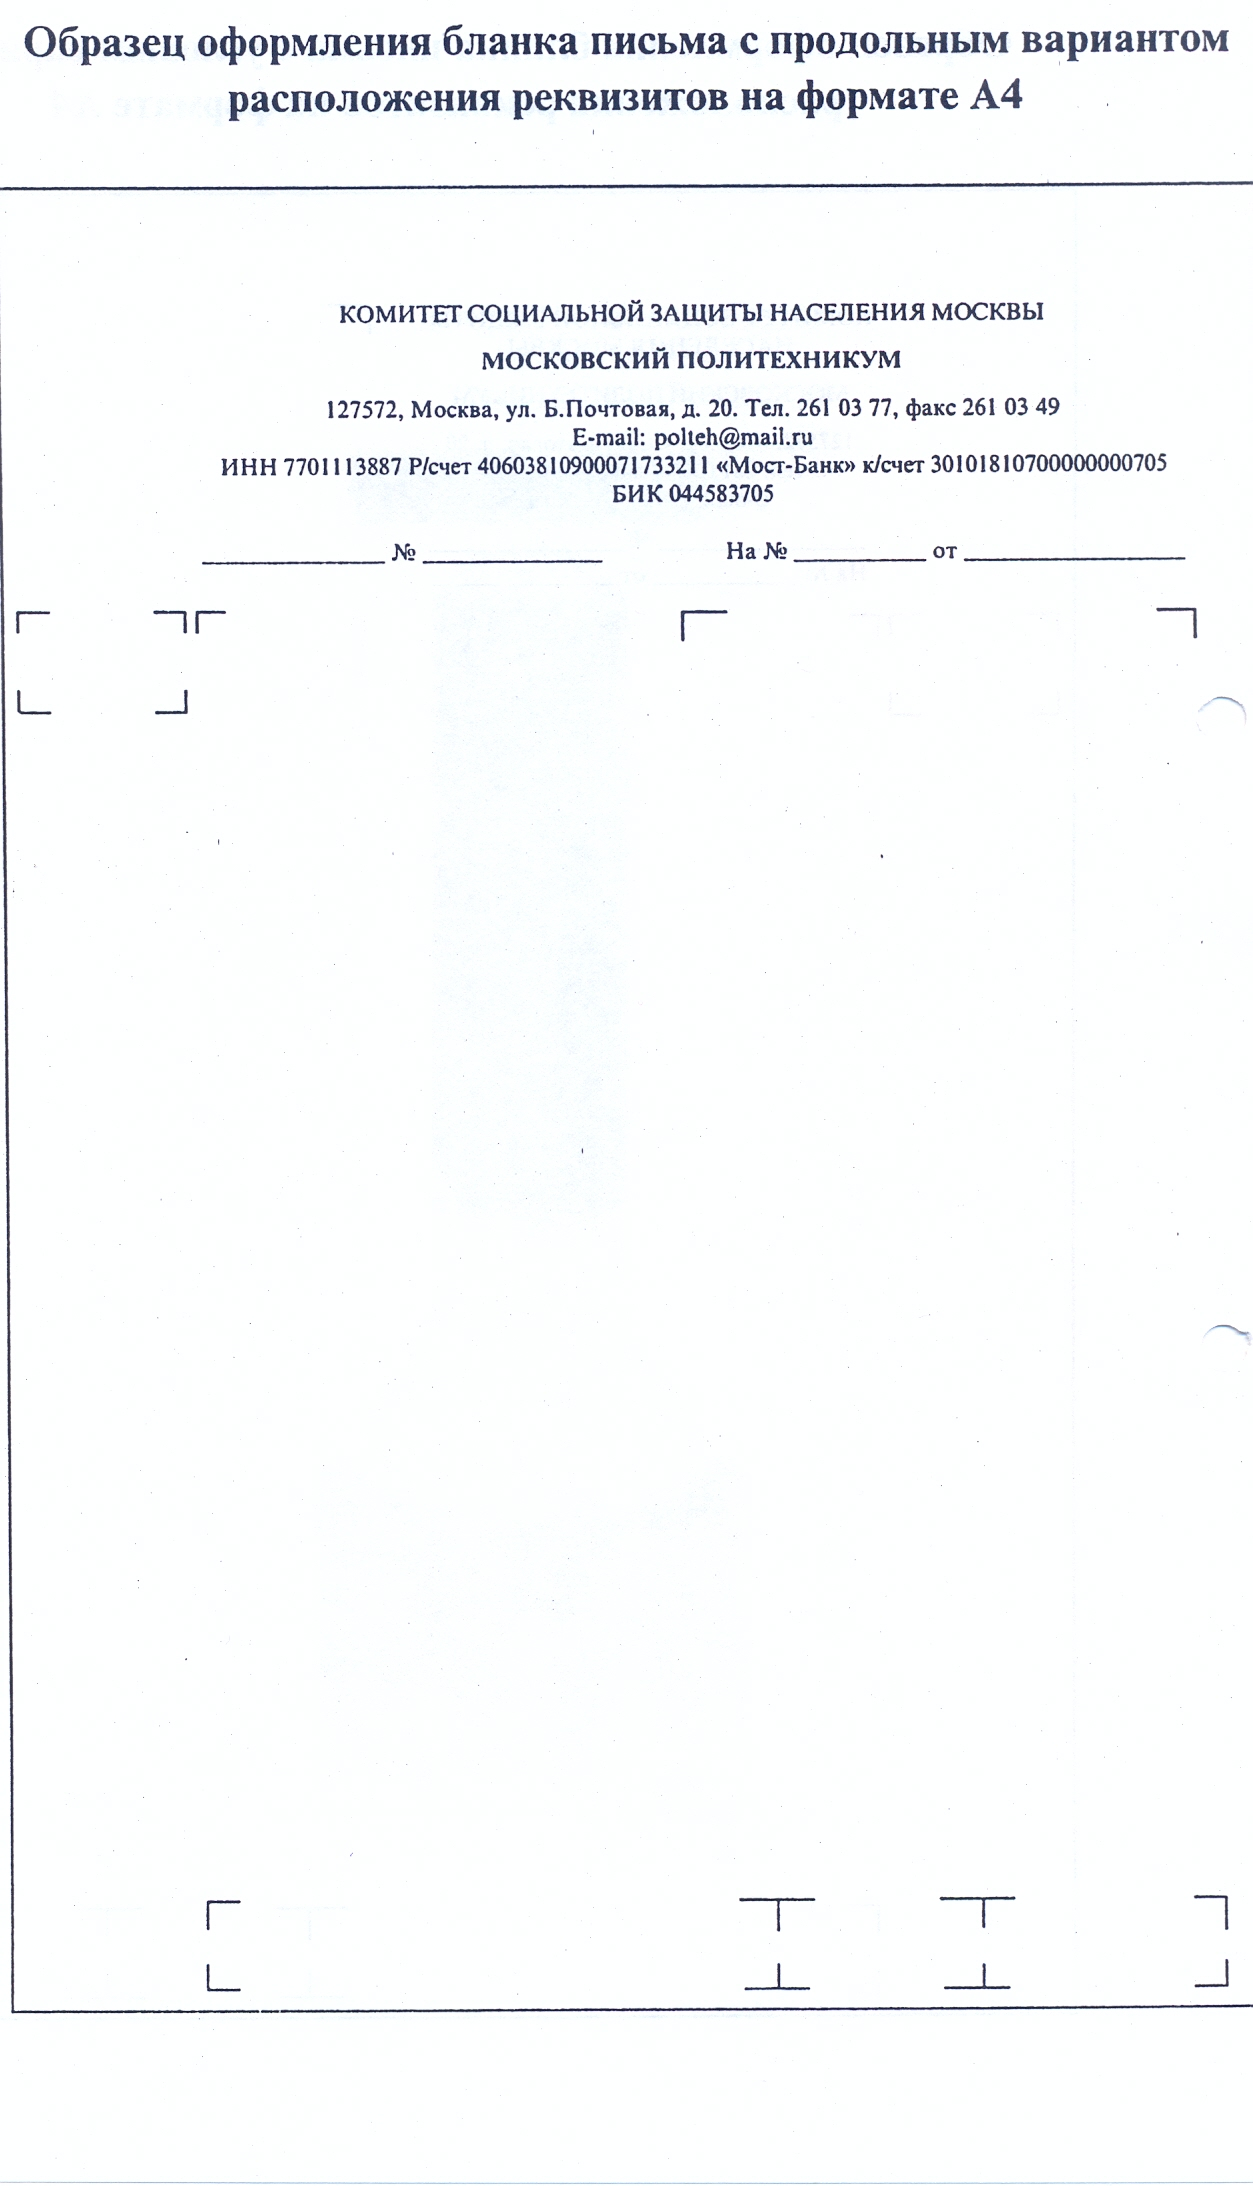 сканирование0002